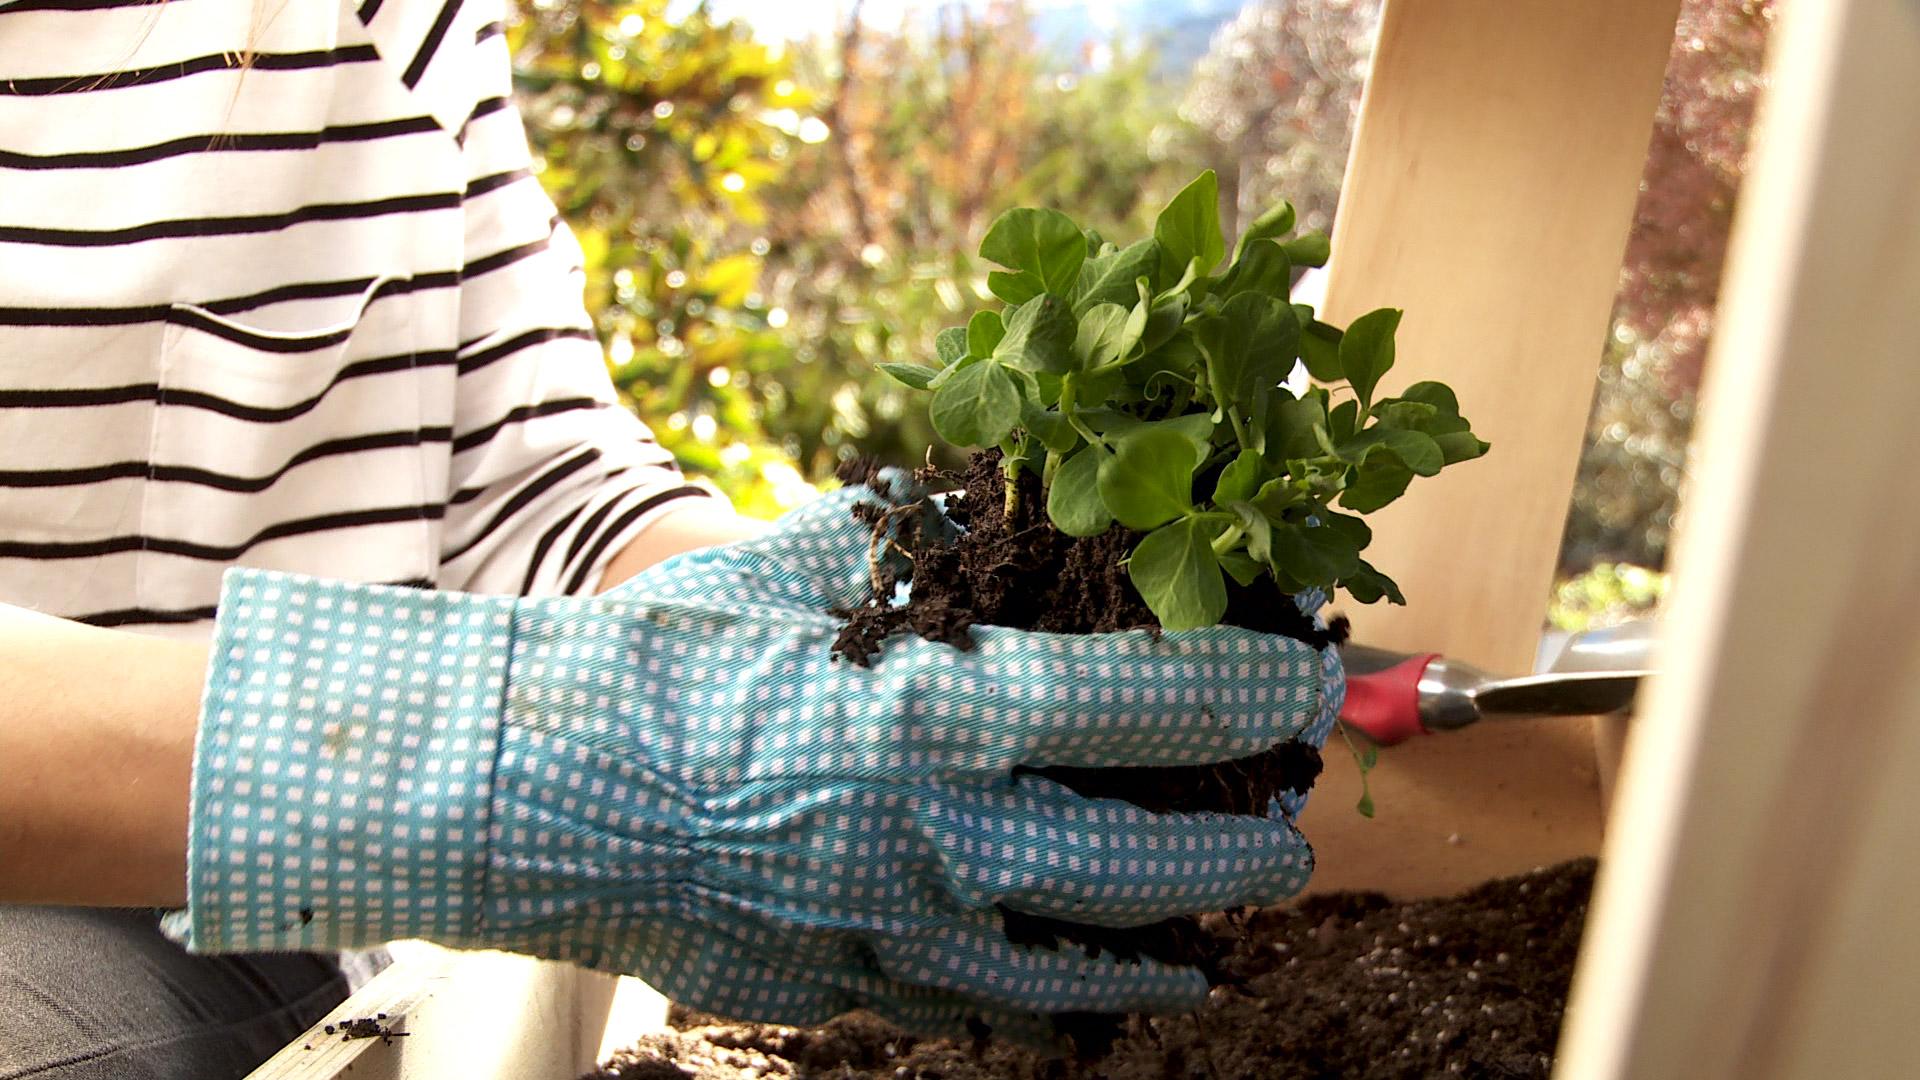 Durante la primavera son muchas las hortalizas y verduras que se pueden plantar en una huerta, ya que hay más sol, y eso propicia su buen desarrollo. Se puede comenzar con almácigos ya germinados, con plantas pequeñas o, incluso algunas especies se pueden sembrar directamente en la tierra.